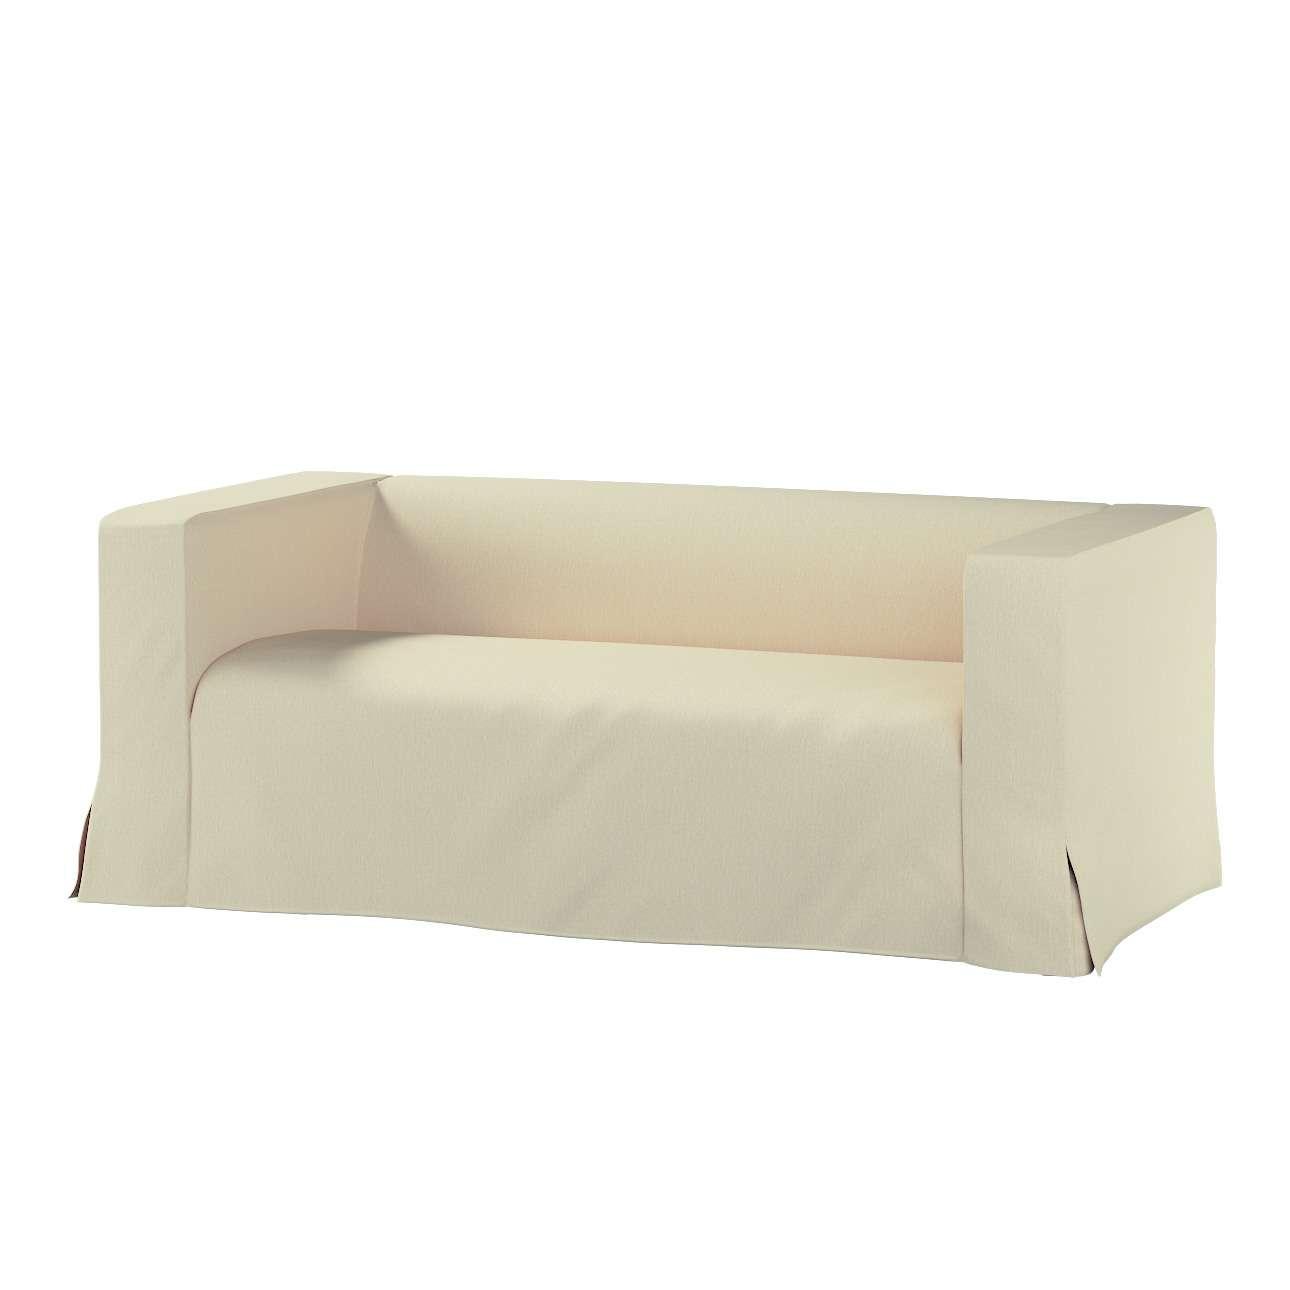 Pokrowiec na sofę Klippan 2-osobową długi z kontrafałdami Klippan 2-os w kolekcji Chenille, tkanina: 702-22